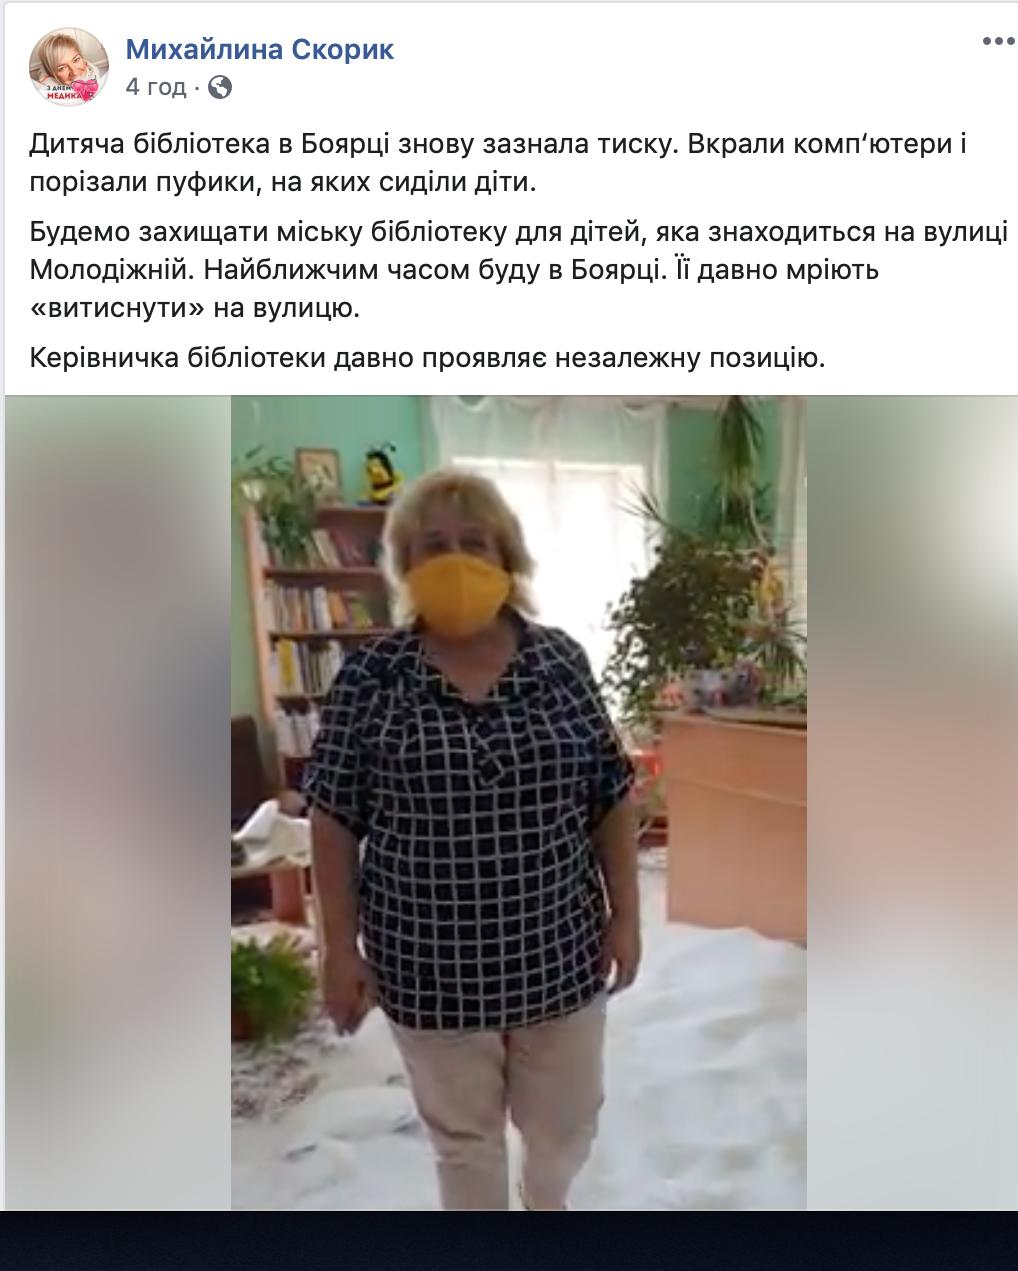 У Боярці обікрали дитячу бібліотеку - Боярка - Snymok ekrana 2020 06 24 v 20.02.12